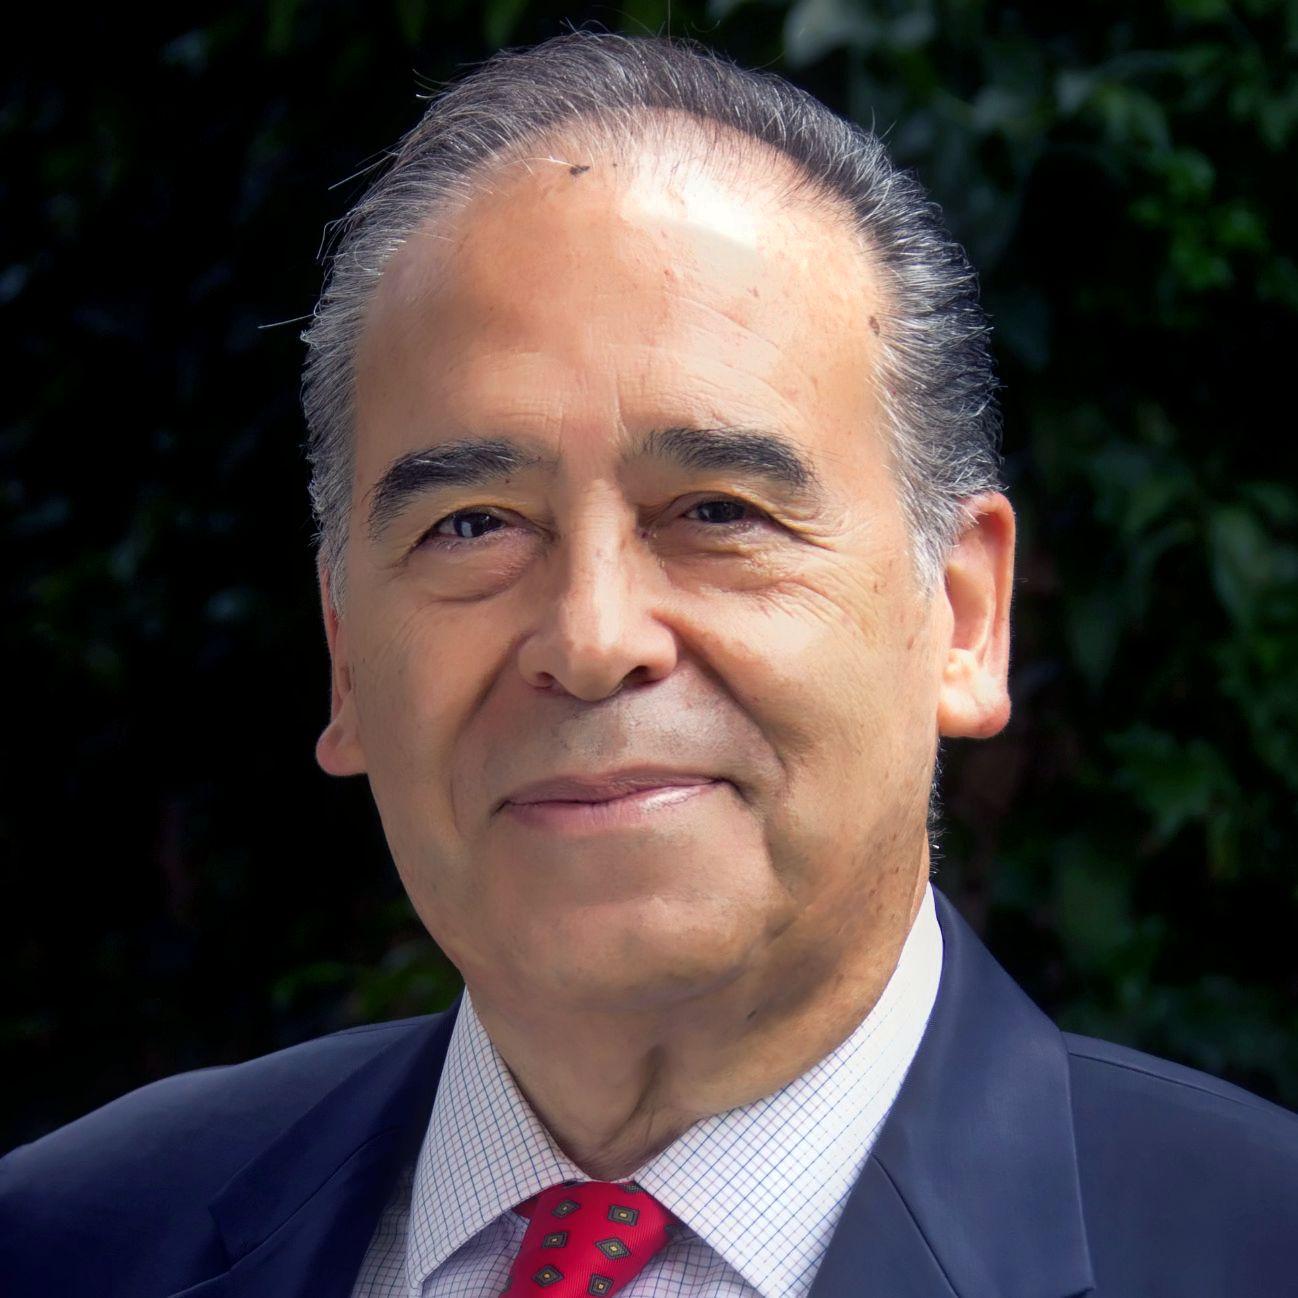 Manuel Urbina Fuentes